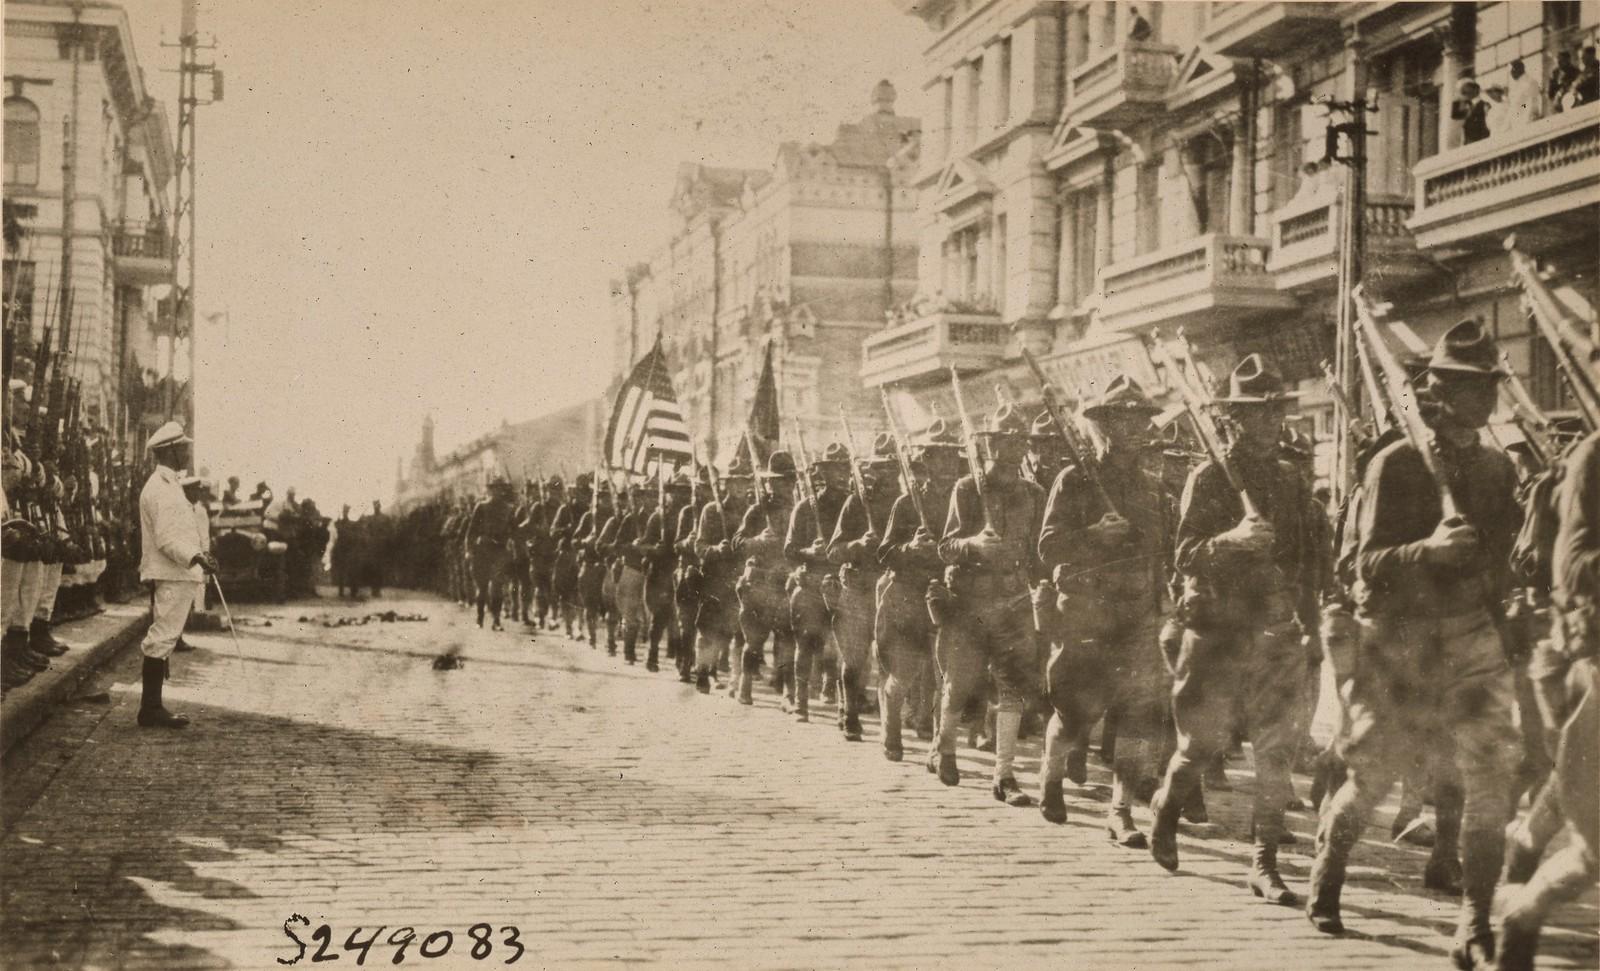 1918. Американские войска во время парада перед зданием штаба Чехословацкого легиона. 11.08.